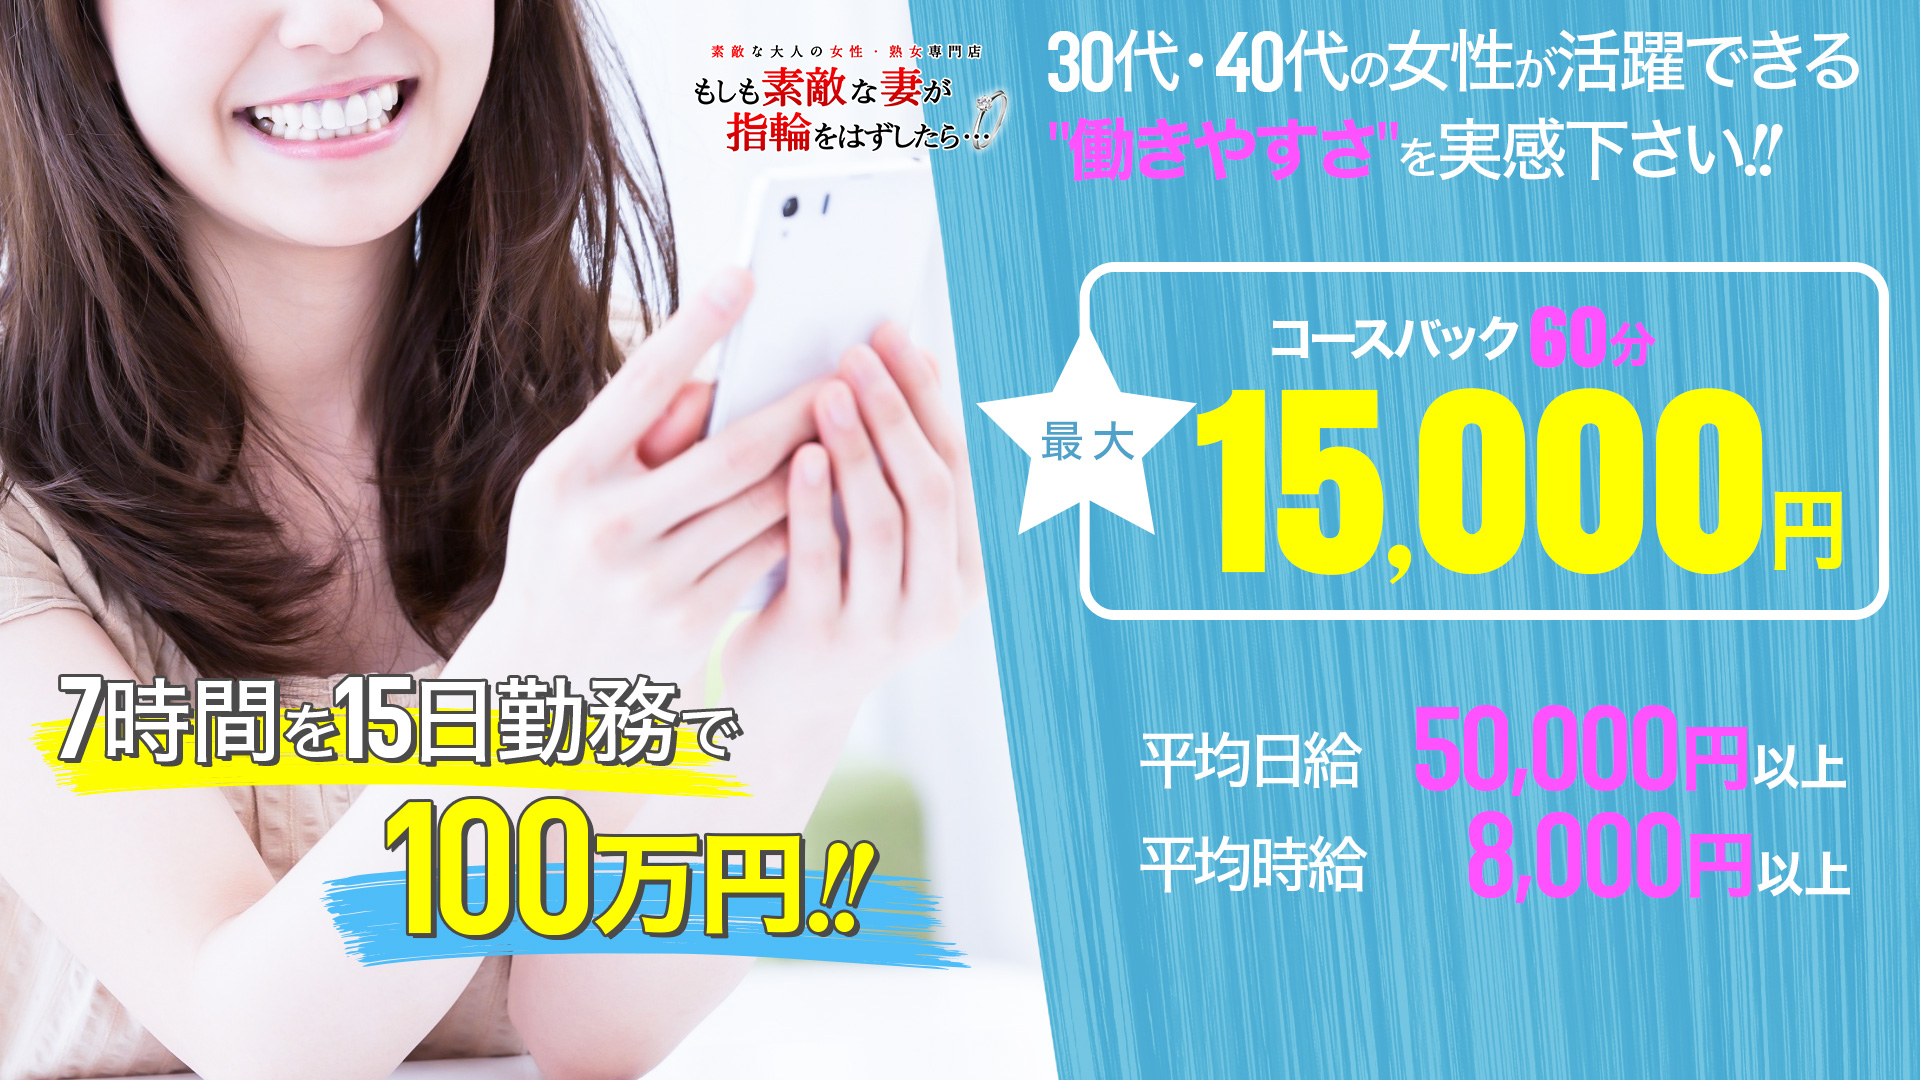 もしも素敵な妻が指輪をはずしたら横浜の求人画像